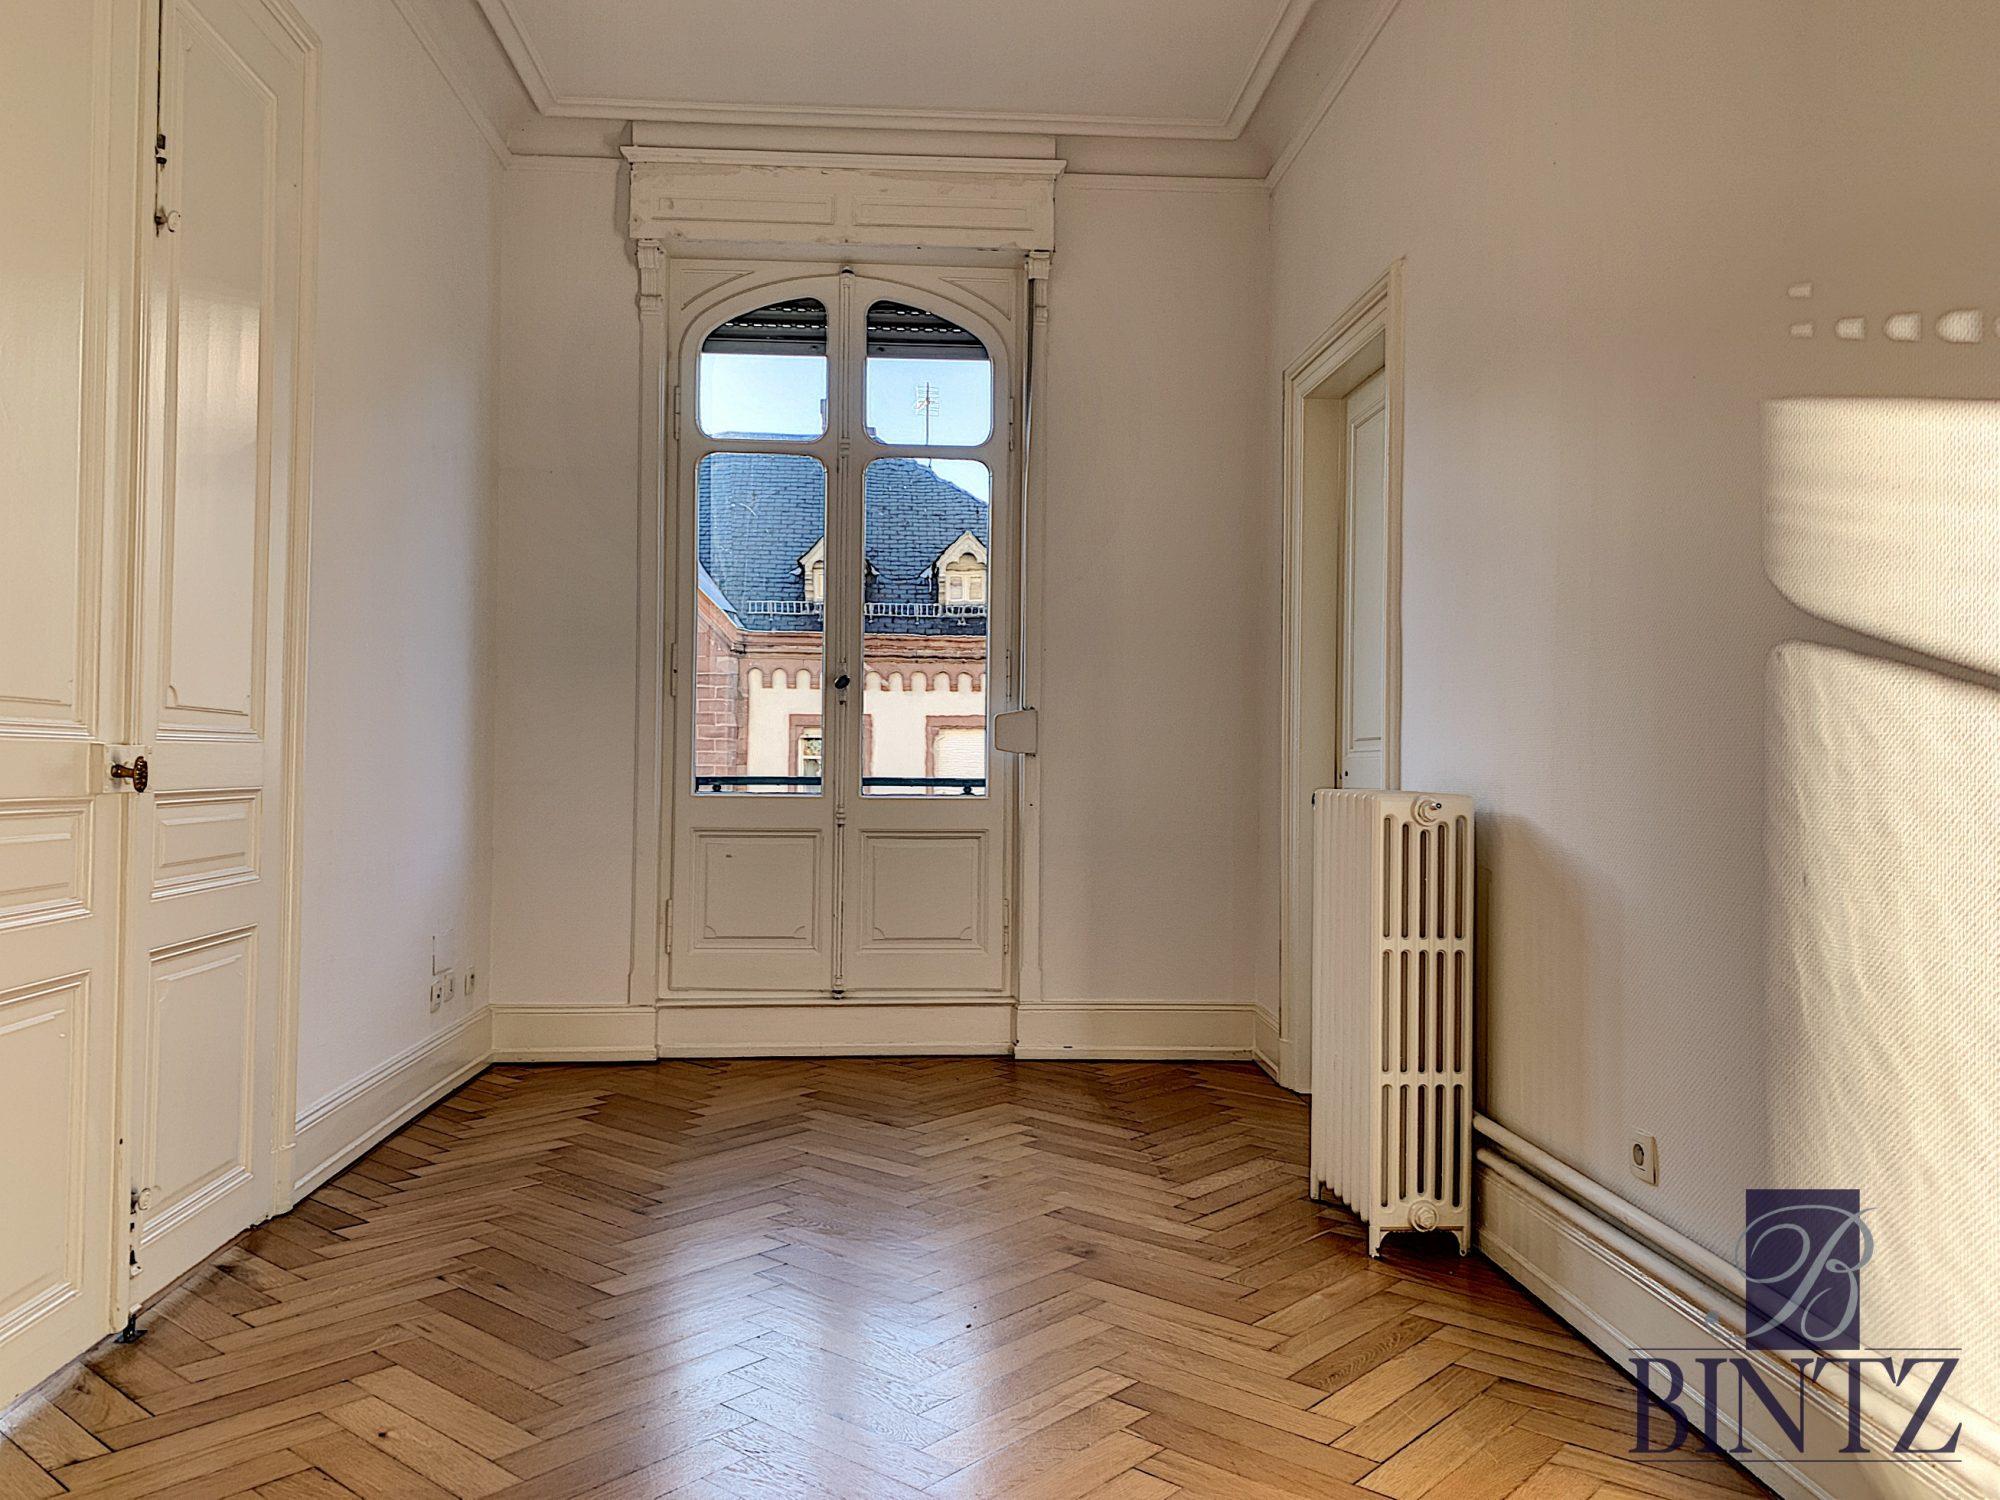 Exceptionnel 6pièces au Coeur de la NEUSTADT - Devenez locataire en toute sérénité - Bintz Immobilier - 8